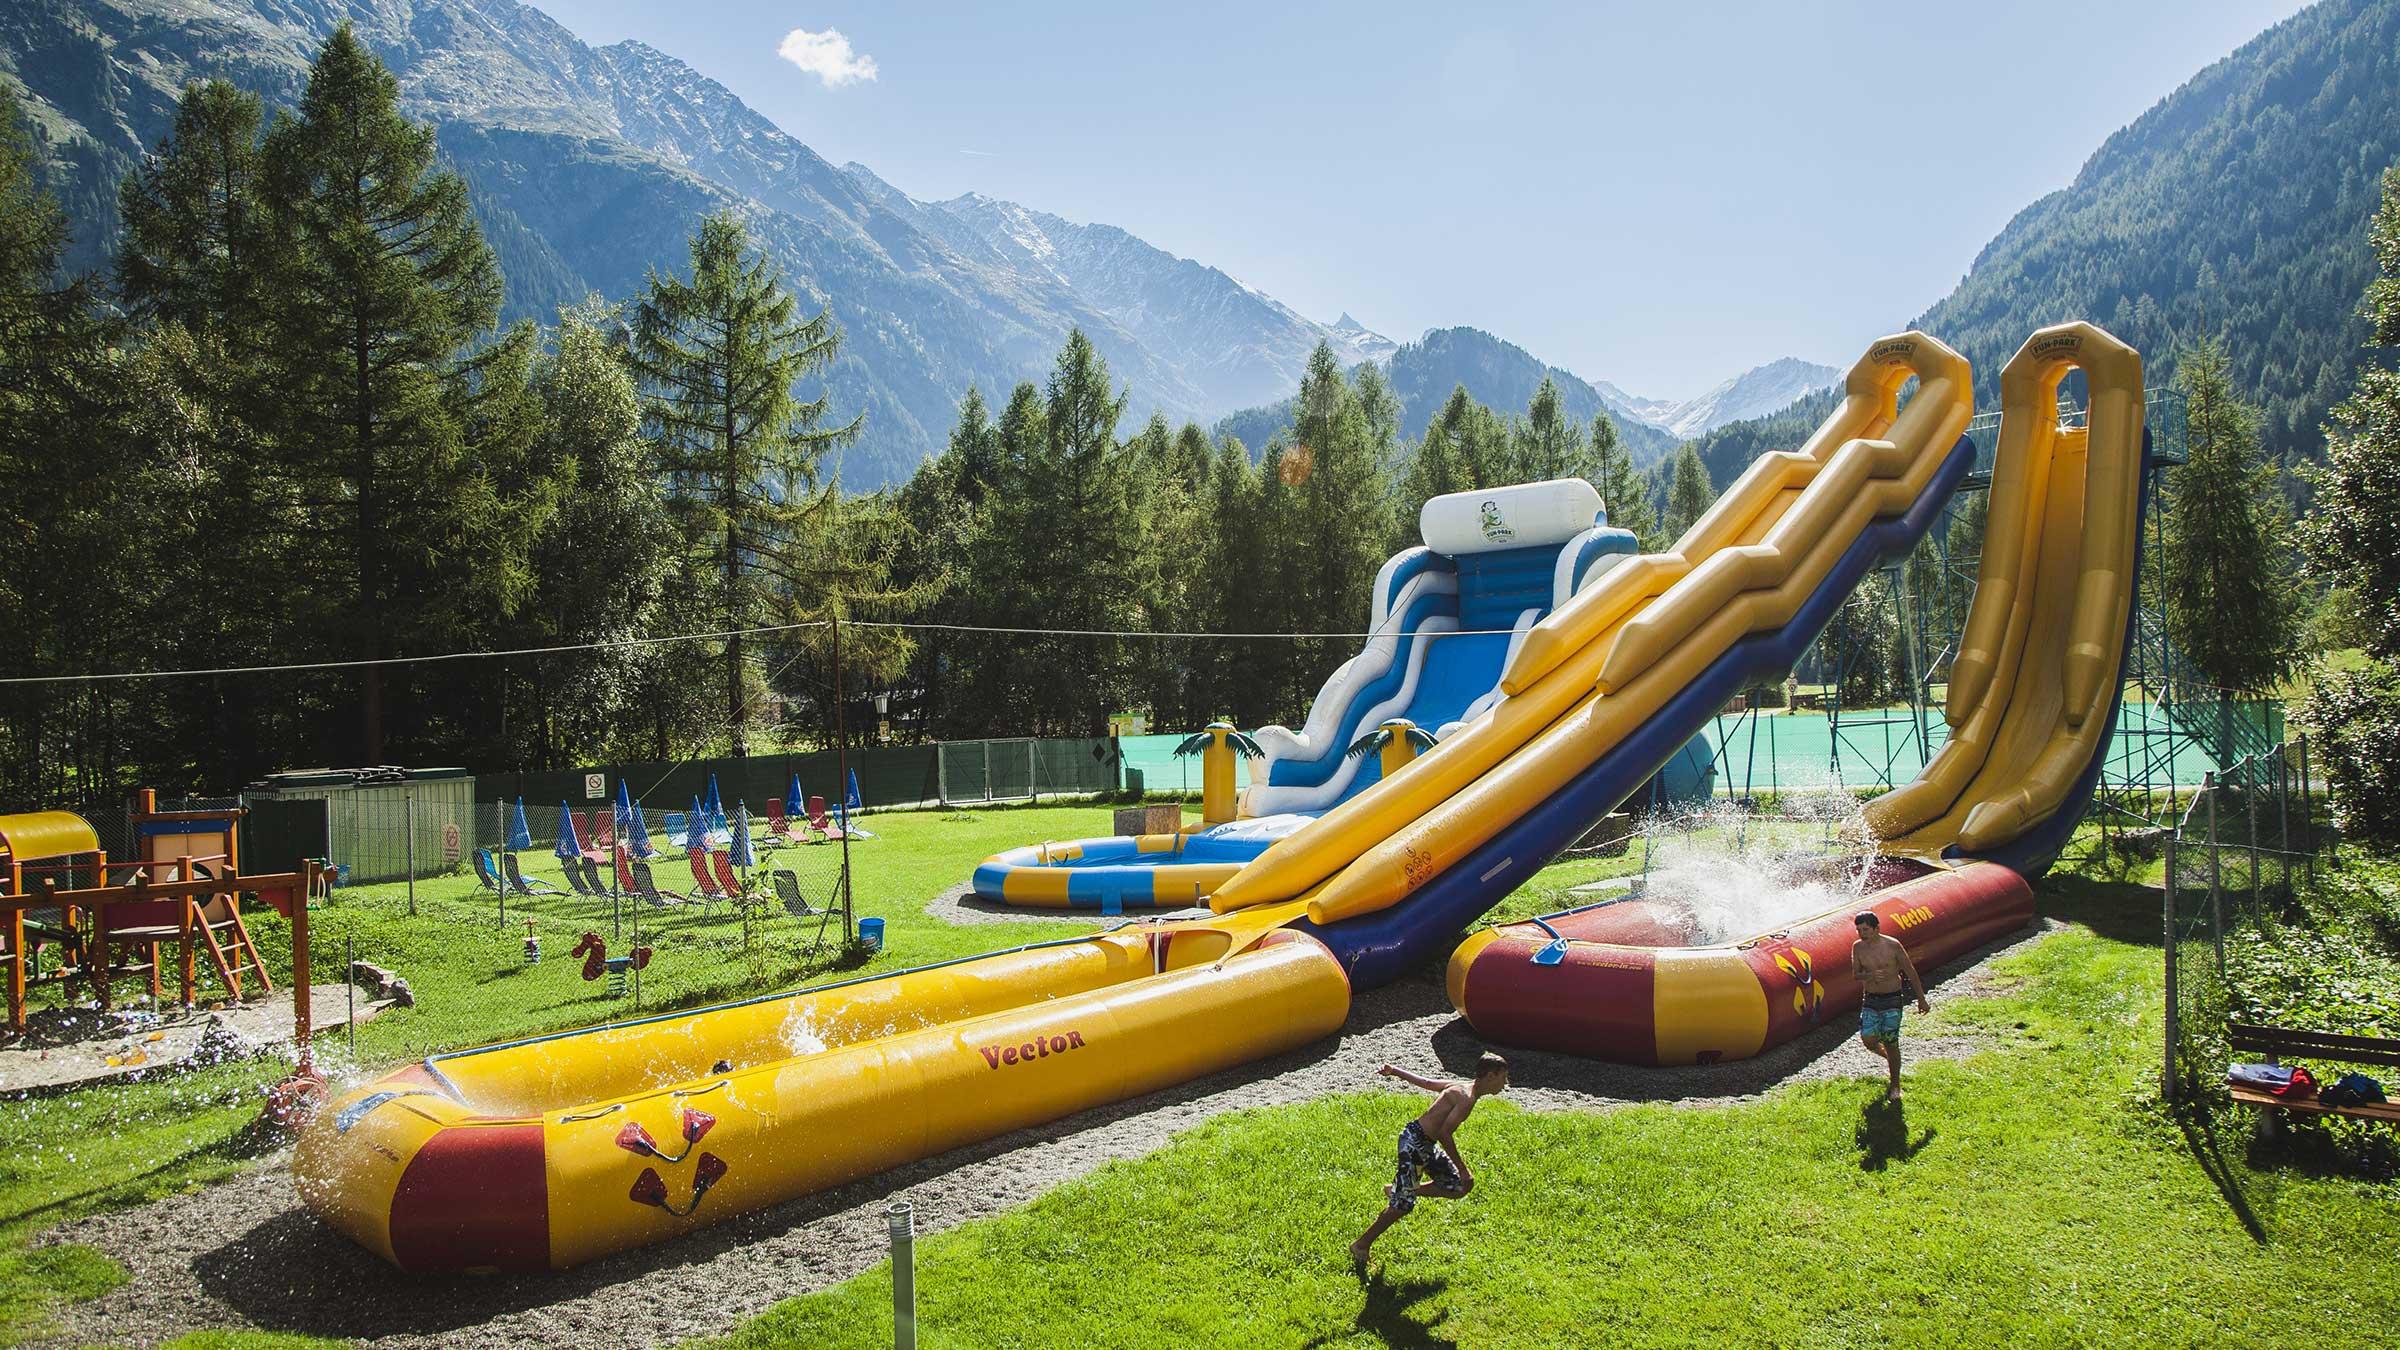 Ötztaler Fun- und Erlebnispark - Ötztal Premium Card